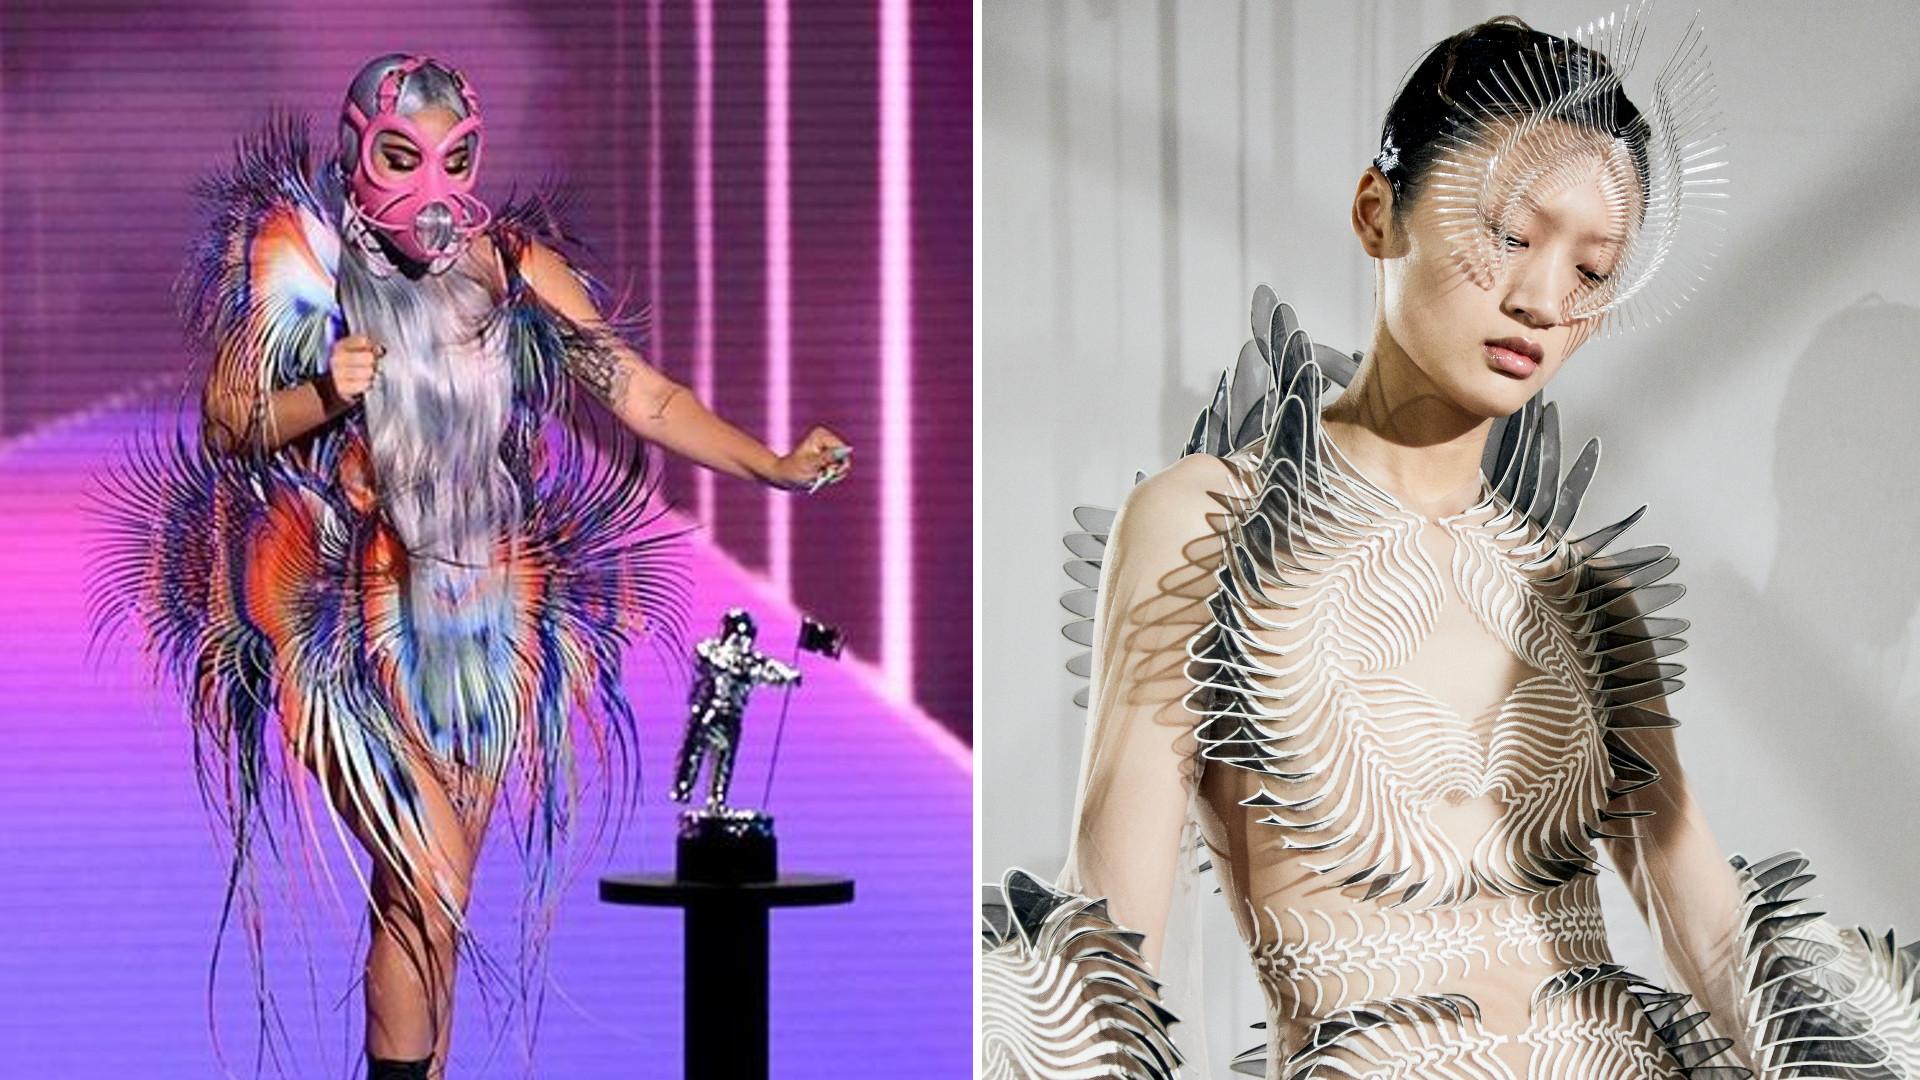 Projektantka Iris van Herpen, której kreacje noszą Lady Gaga i Beyonce, będzie mieć własną wystawę w Polsce!